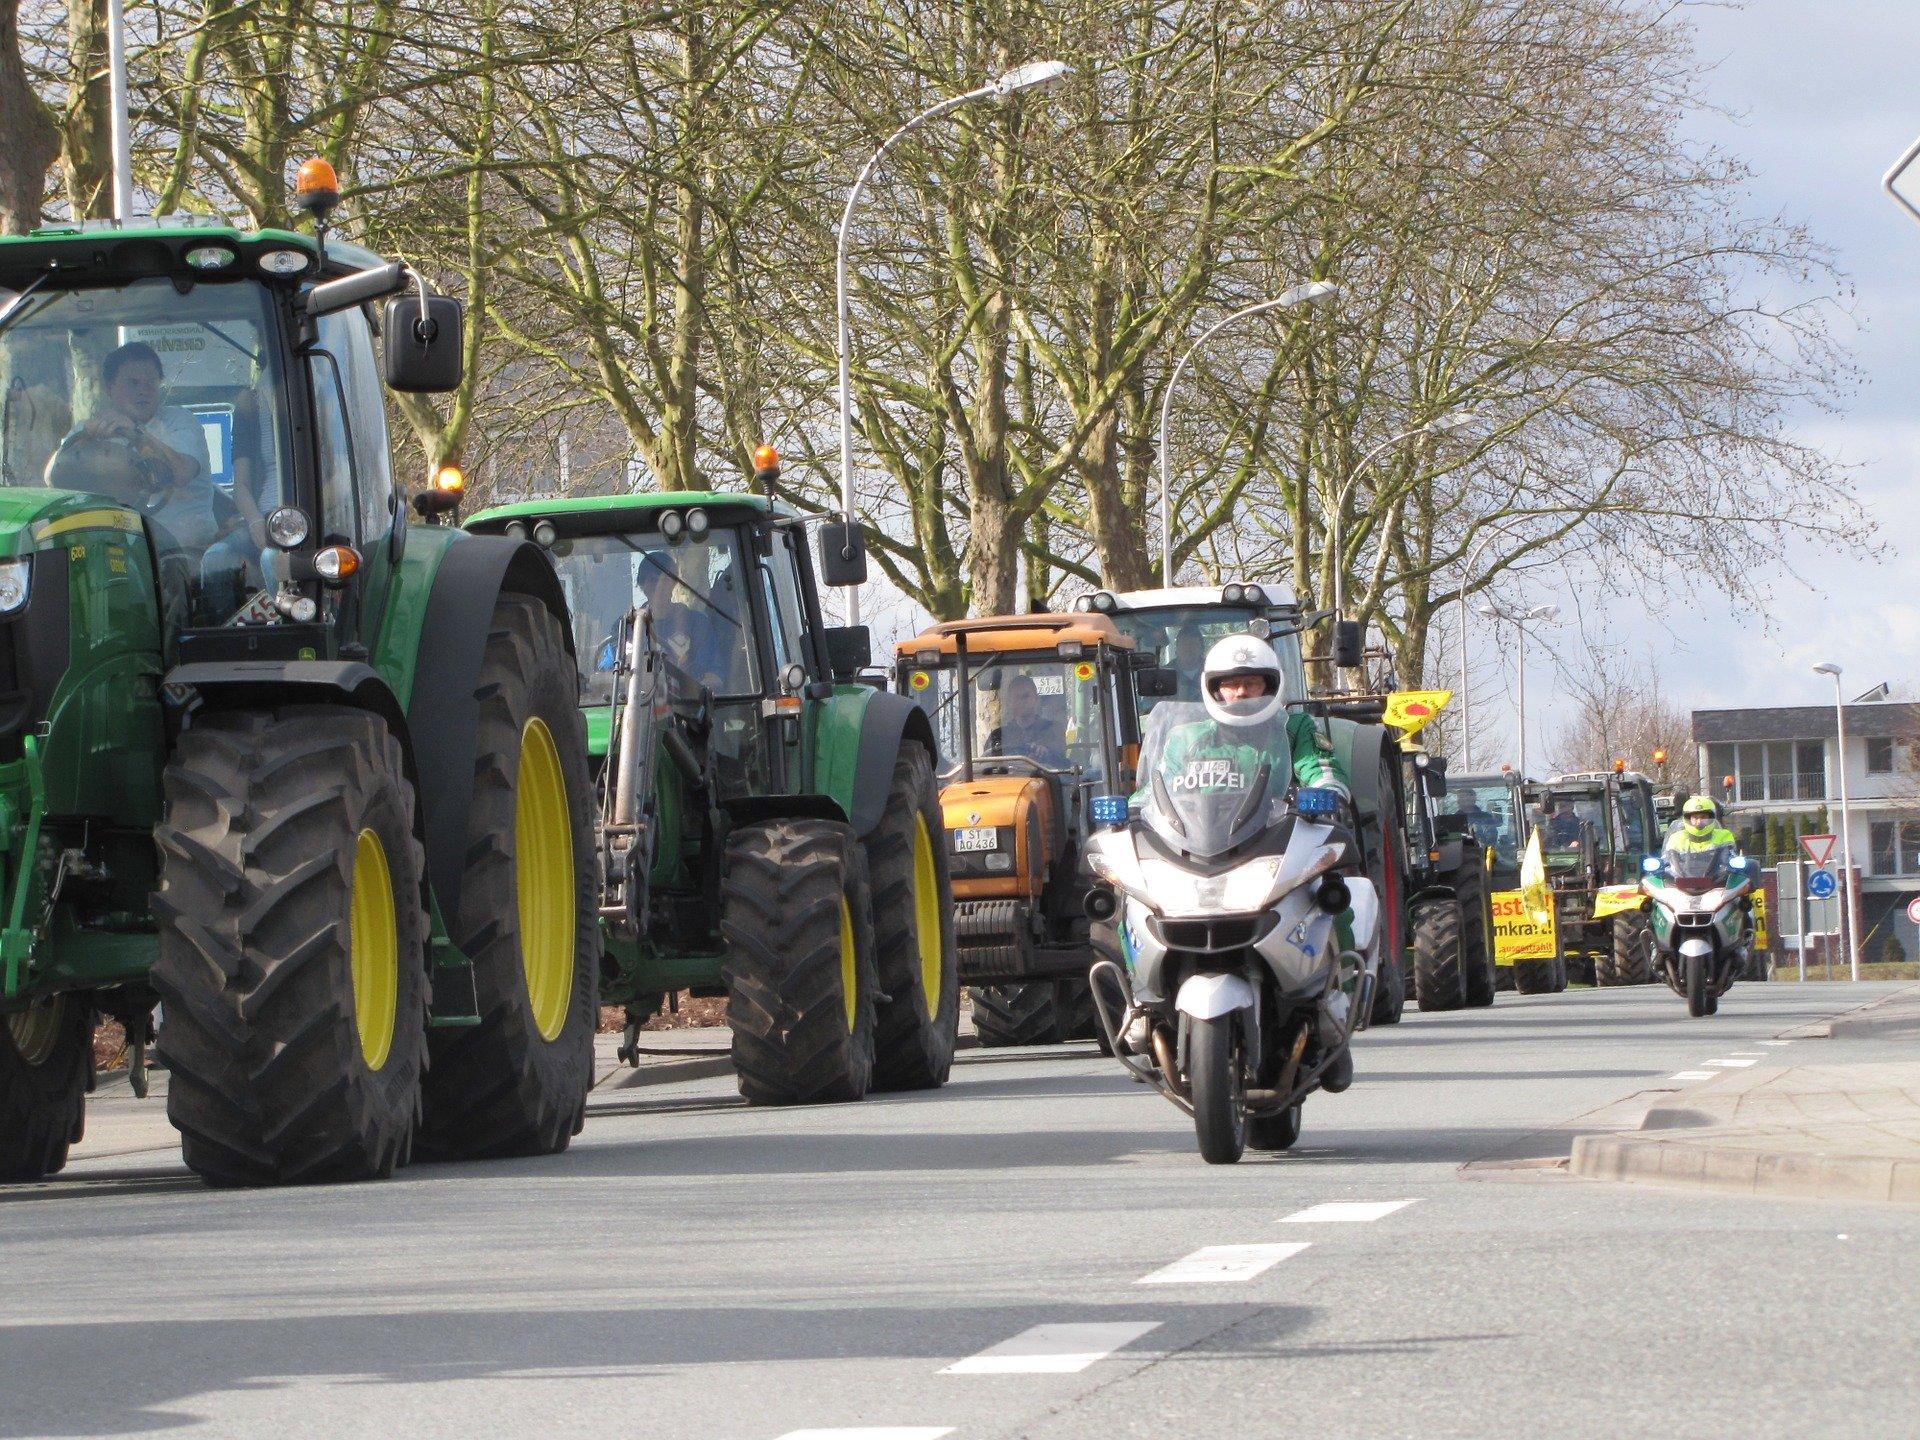 Treckerdemonstration in der Grafschaft Bentheim - EGN SZ